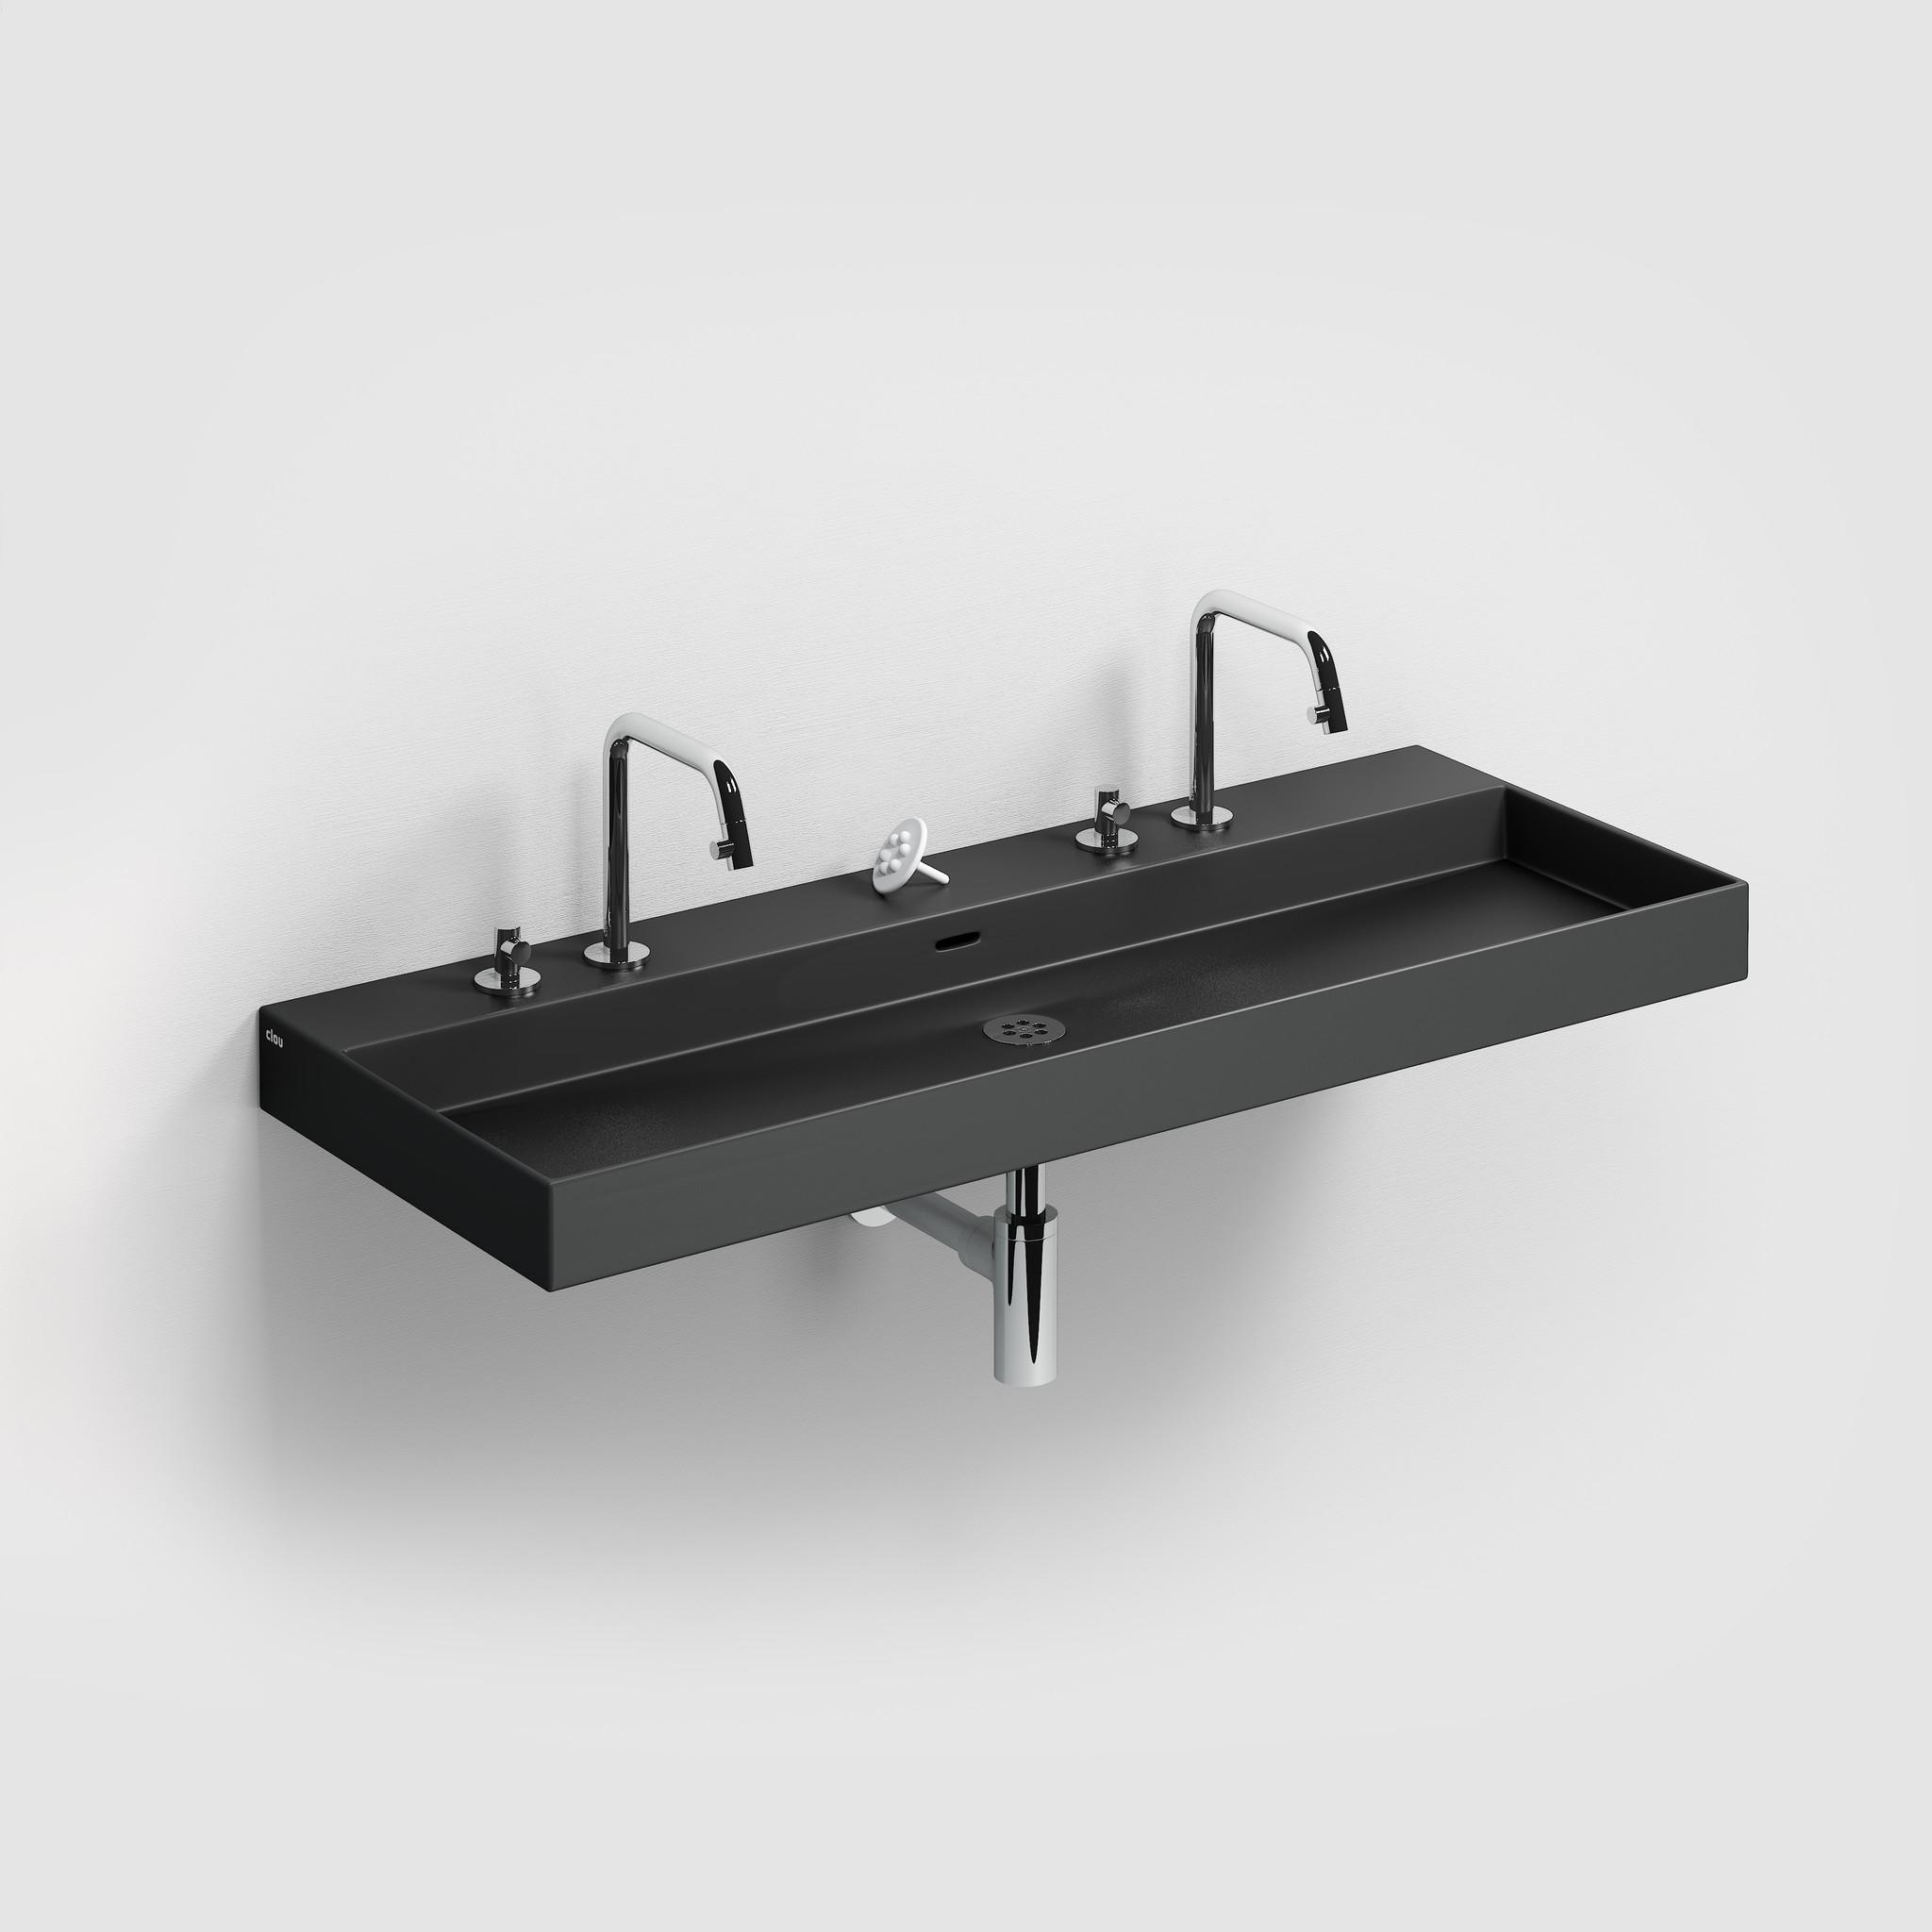 New Wash Me lavabo 110 cm